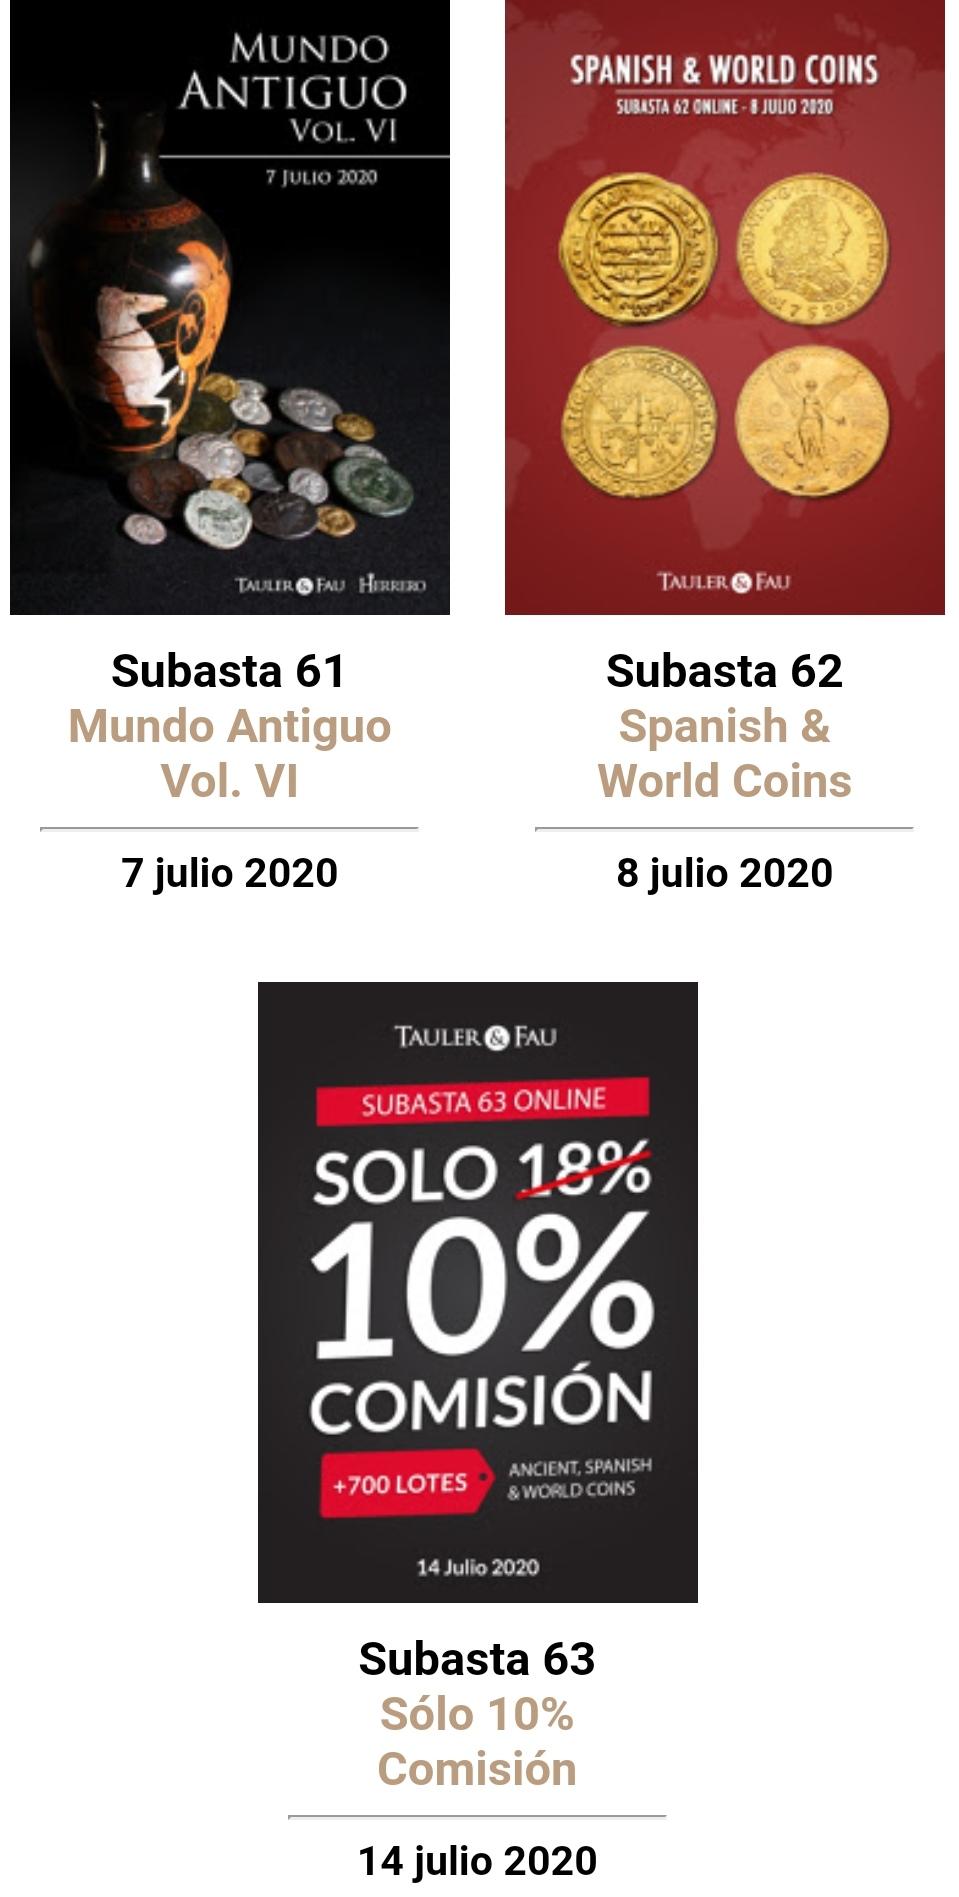 SUBASTA TAULER Y FAU 24 DE JUNIO YA ESTA VISIBLE...COMING SOON - Página 2 Img_2011